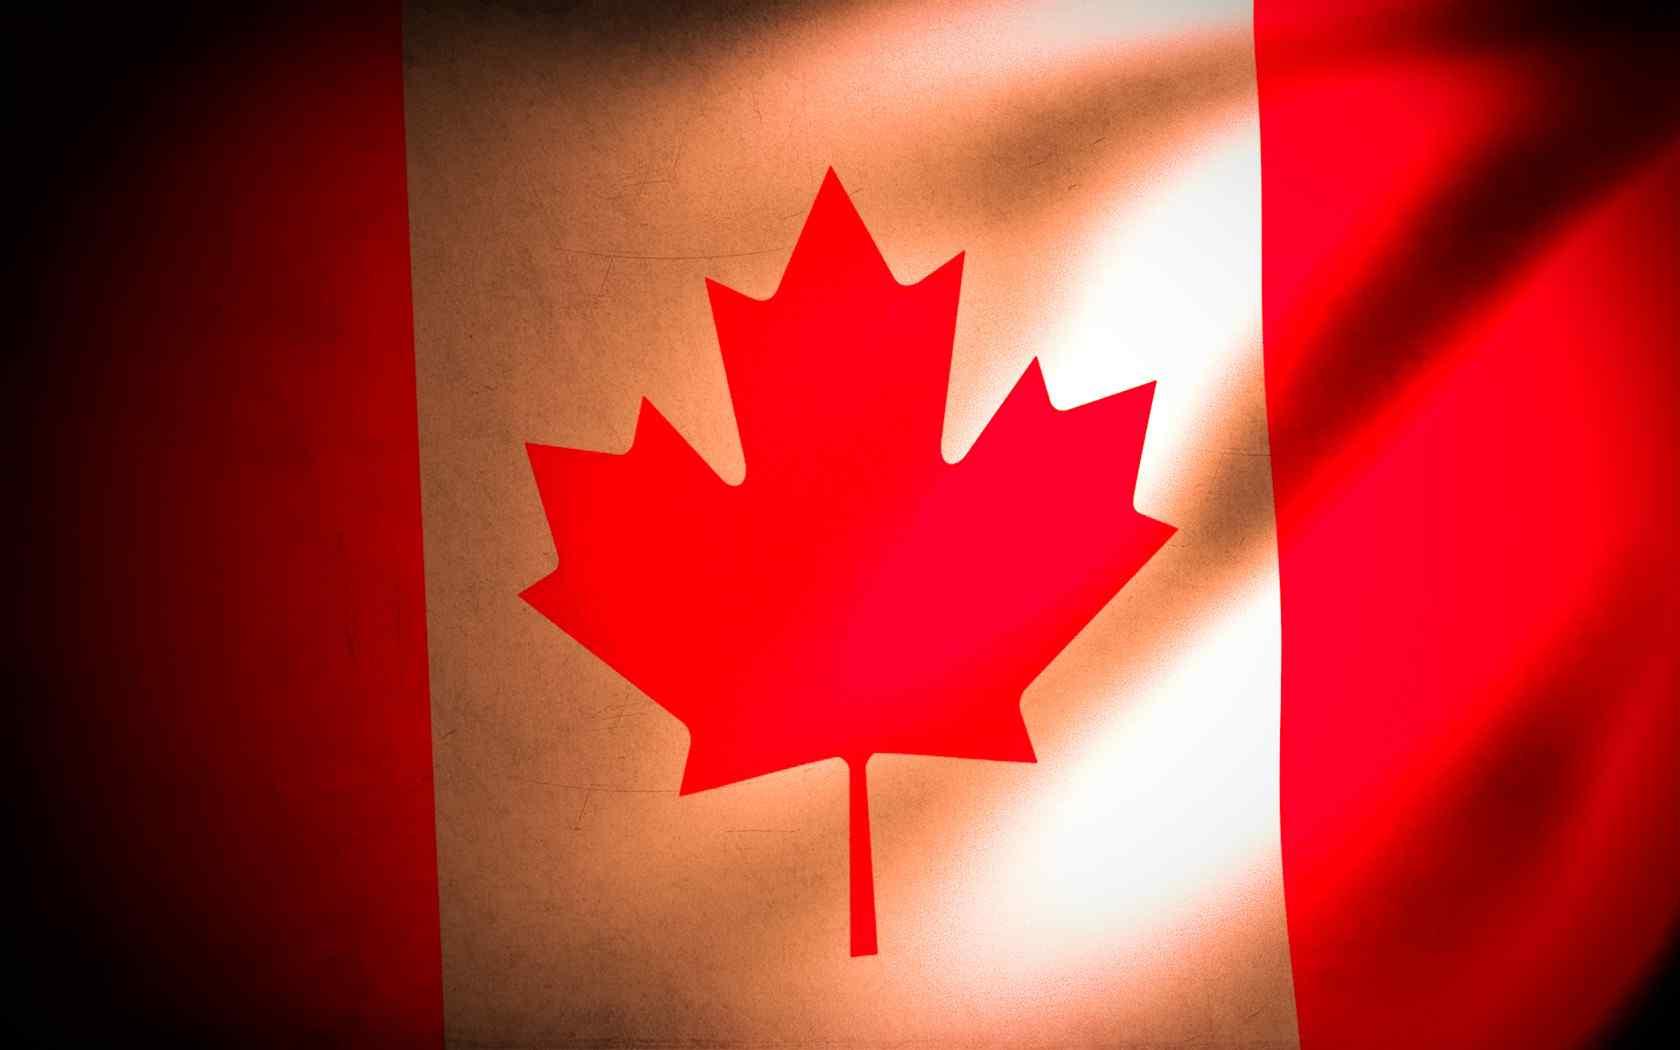 加拿大国旗创意设计电脑壁纸